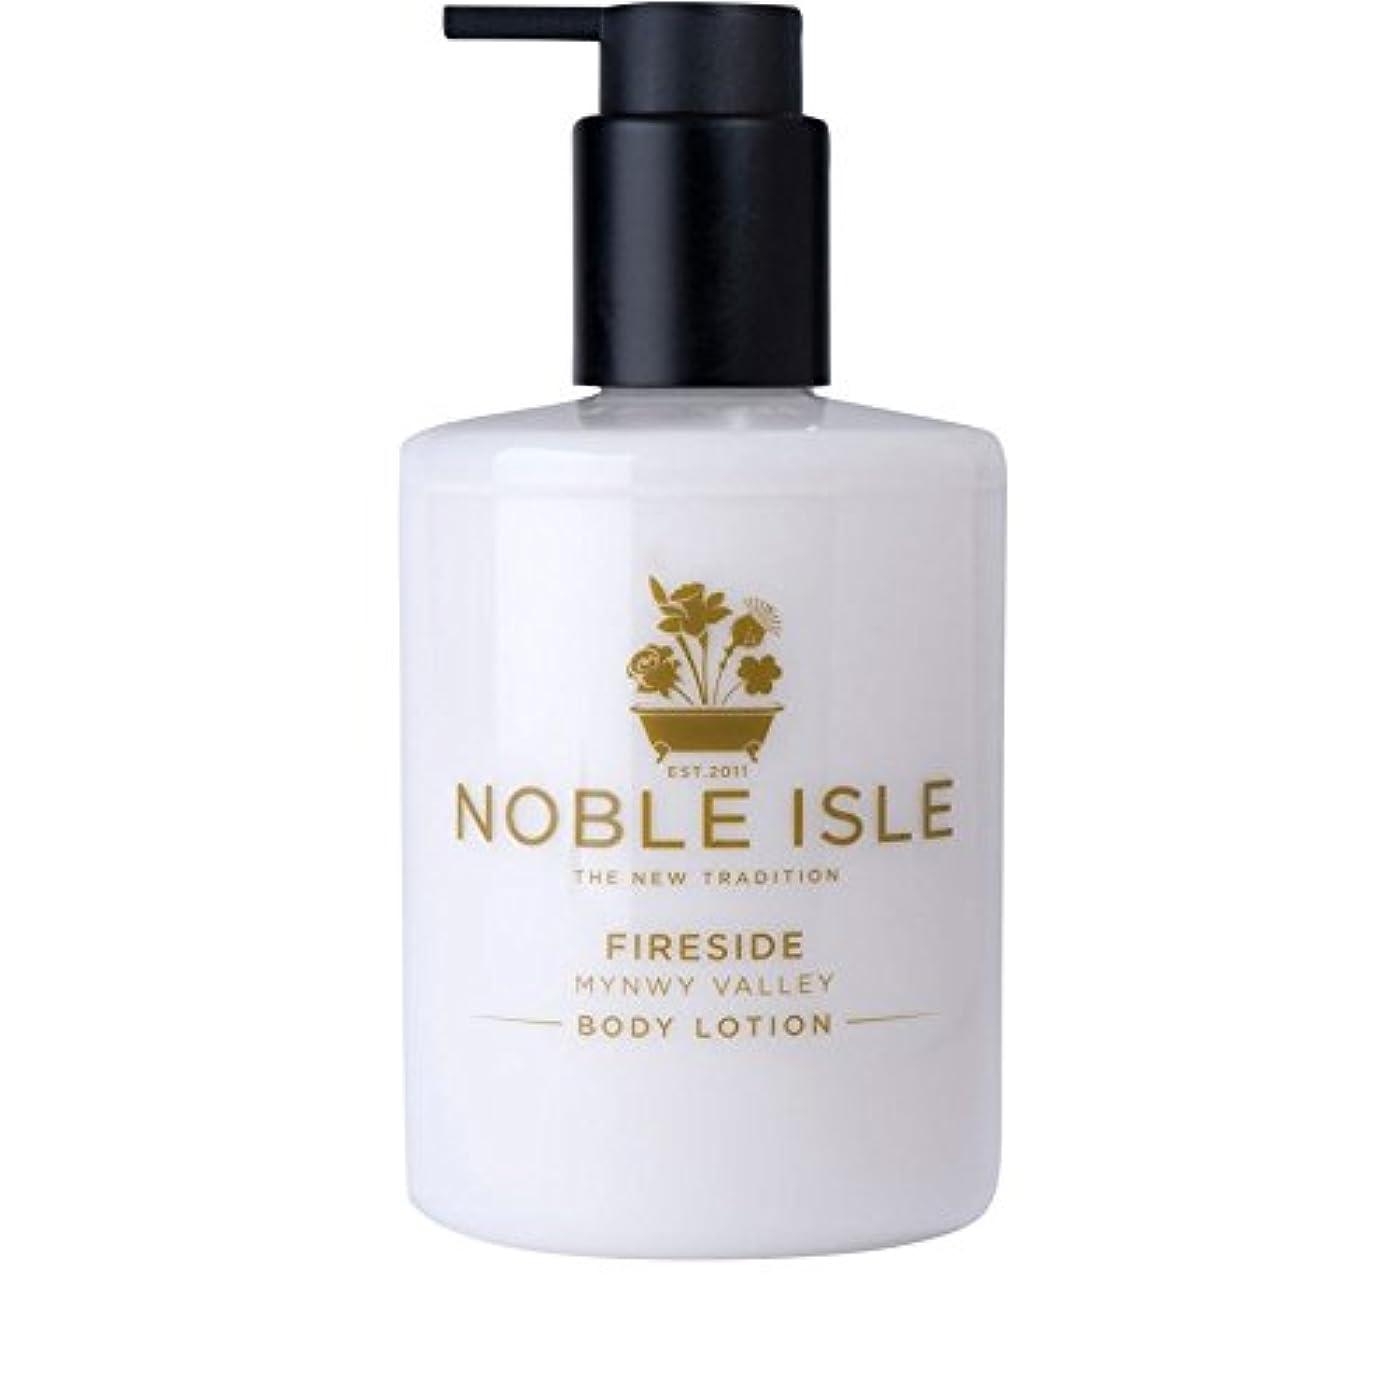 くるみタブレットしっかり高貴な島炉端谷のボディローション250ミリリットル x2 - Noble Isle Fireside Mynwy Valley Body Lotion 250ml (Pack of 2) [並行輸入品]